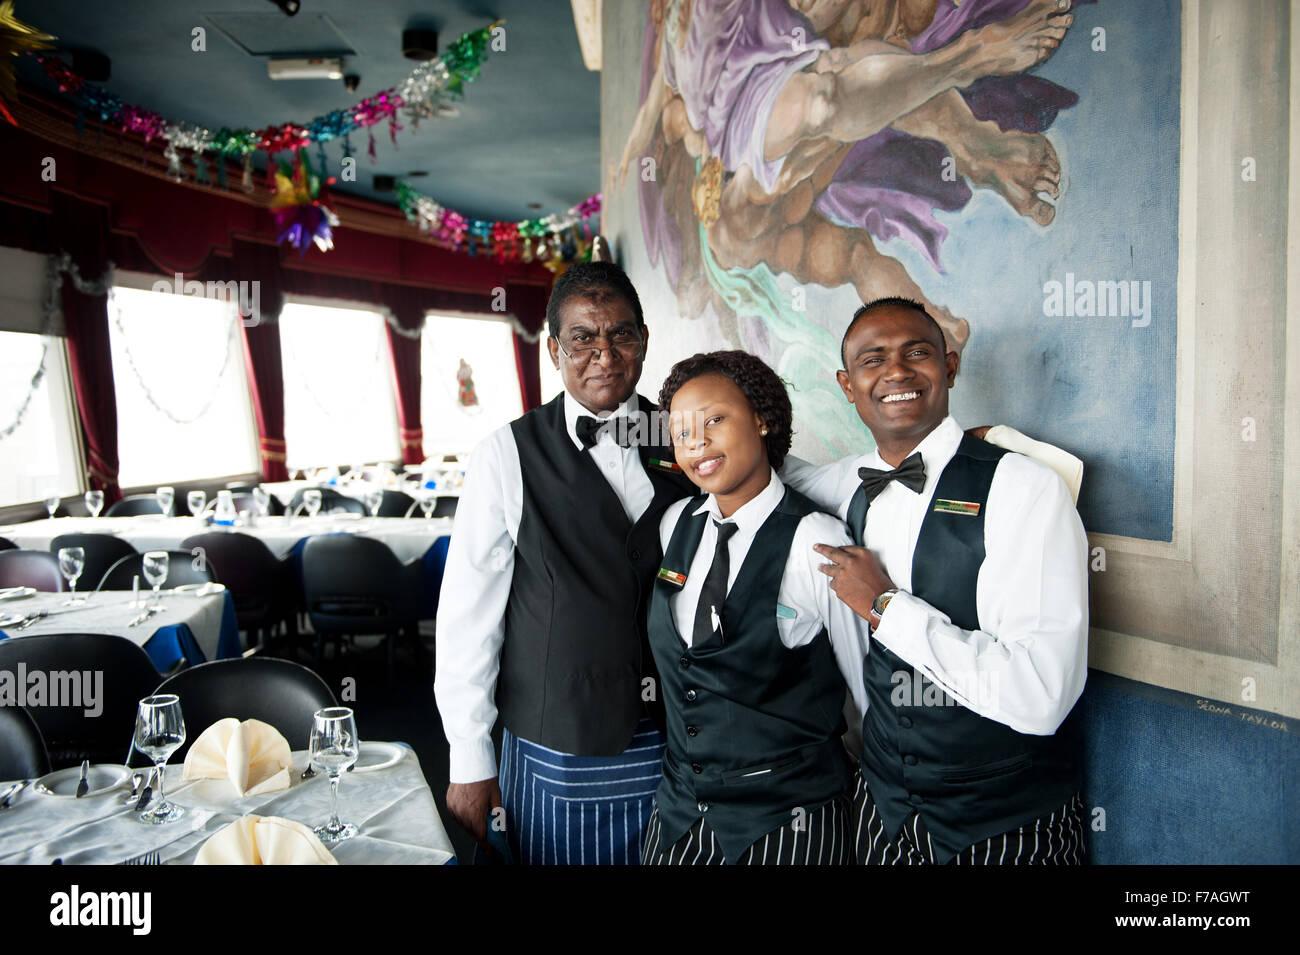 Los camareros en el restaurante giratorio de romaníes en Durban, Sudáfrica. Imagen De Stock